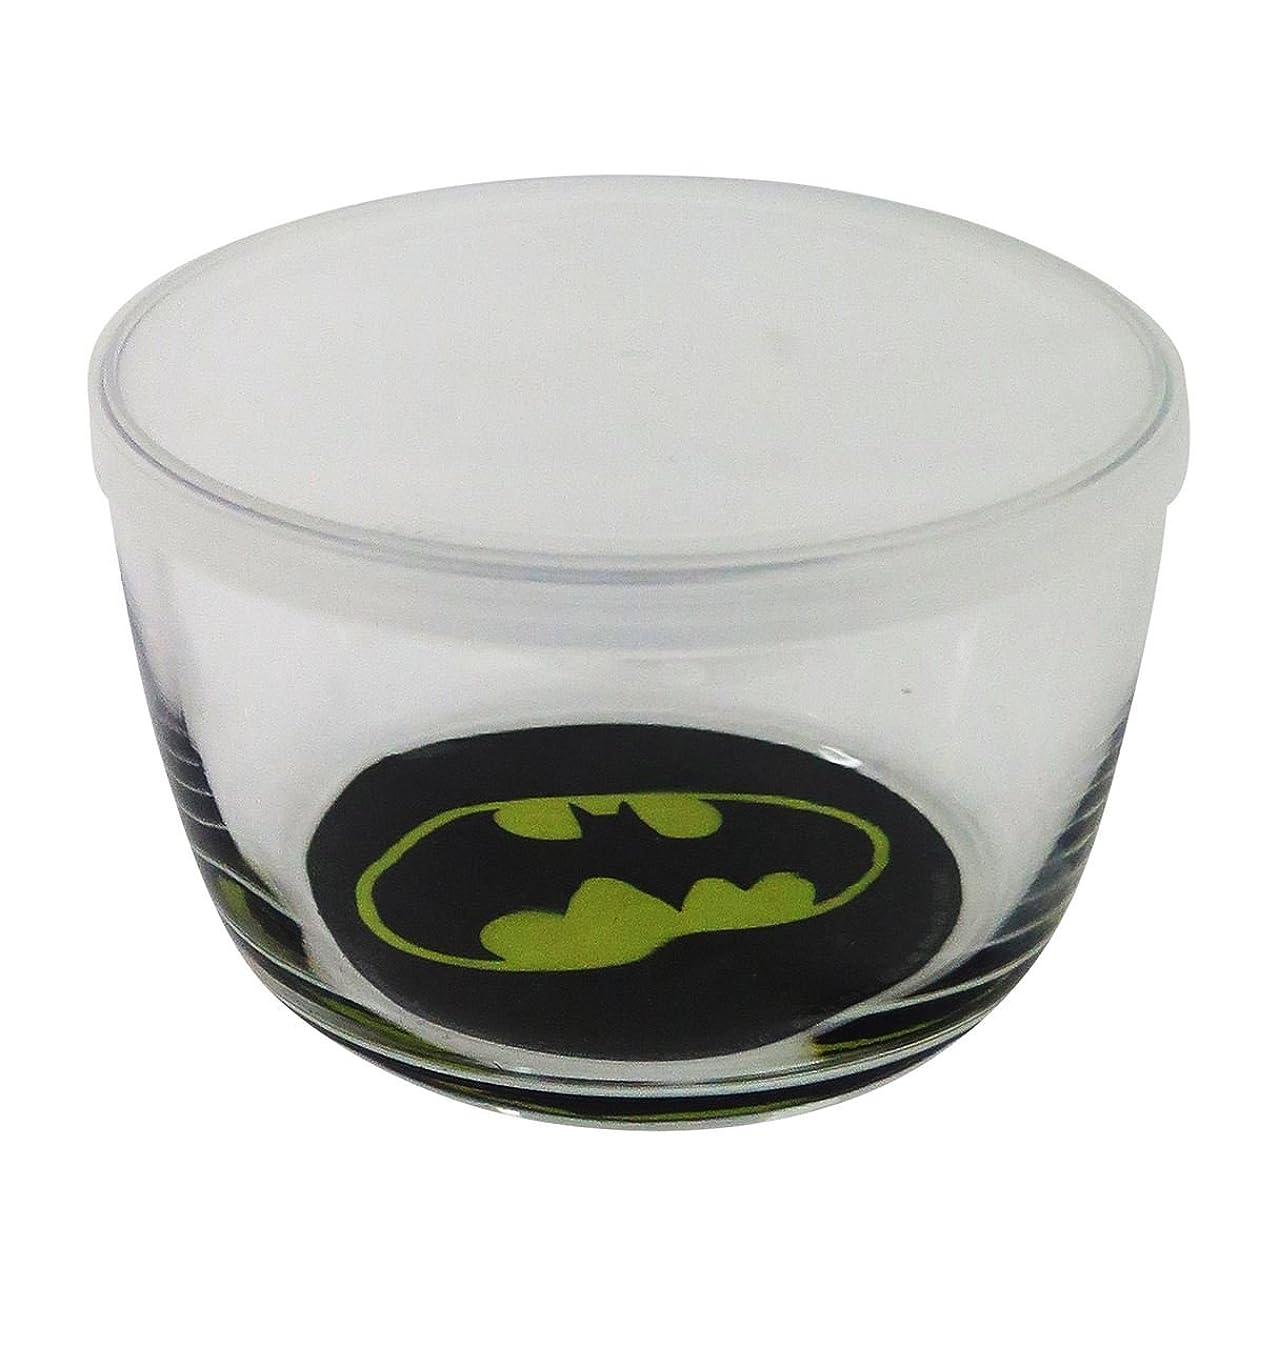 ICUP 16102 DC Batman Logo Glass Storage Bowl, Multicolor